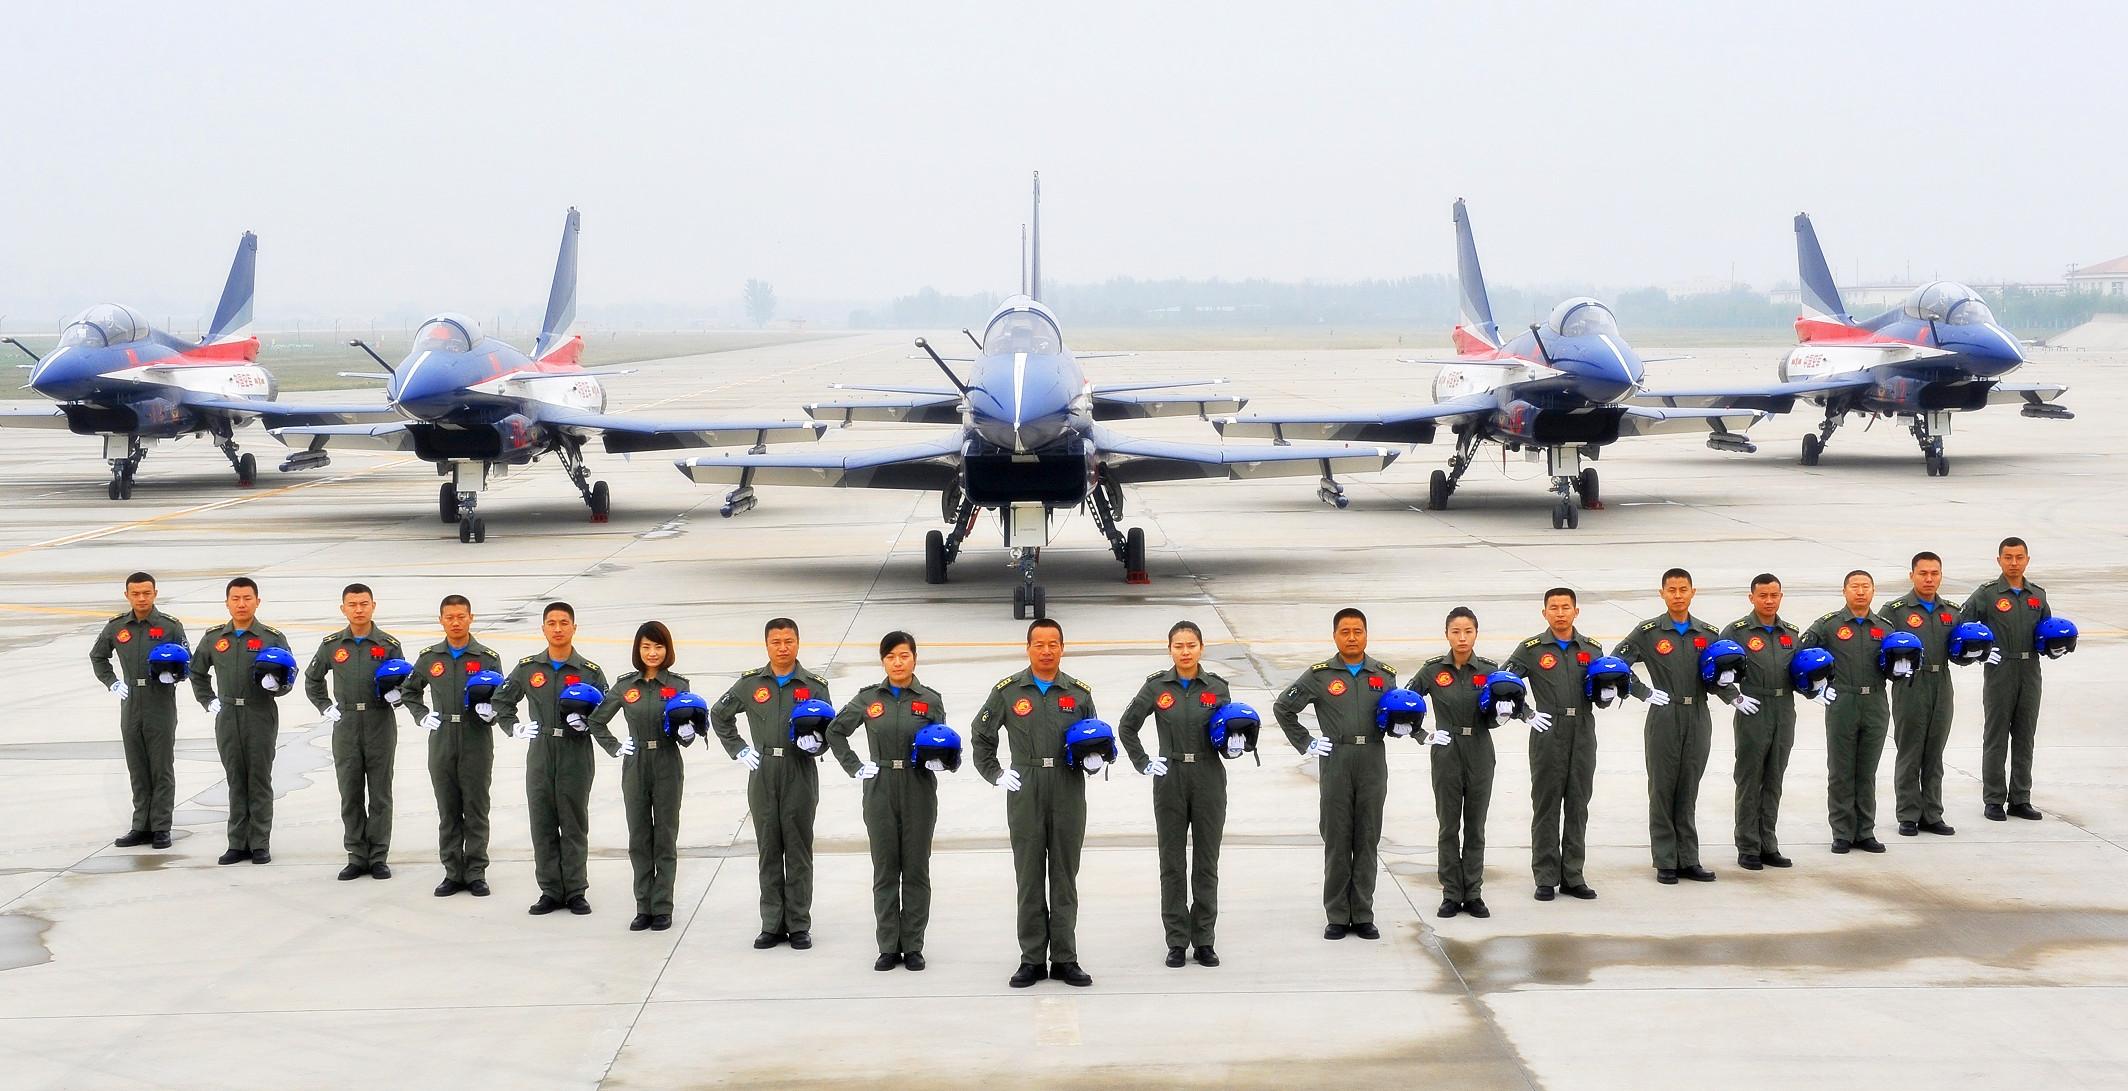 中国空军八一飞行表演队新阵容.张鹏焱 摄高清图片